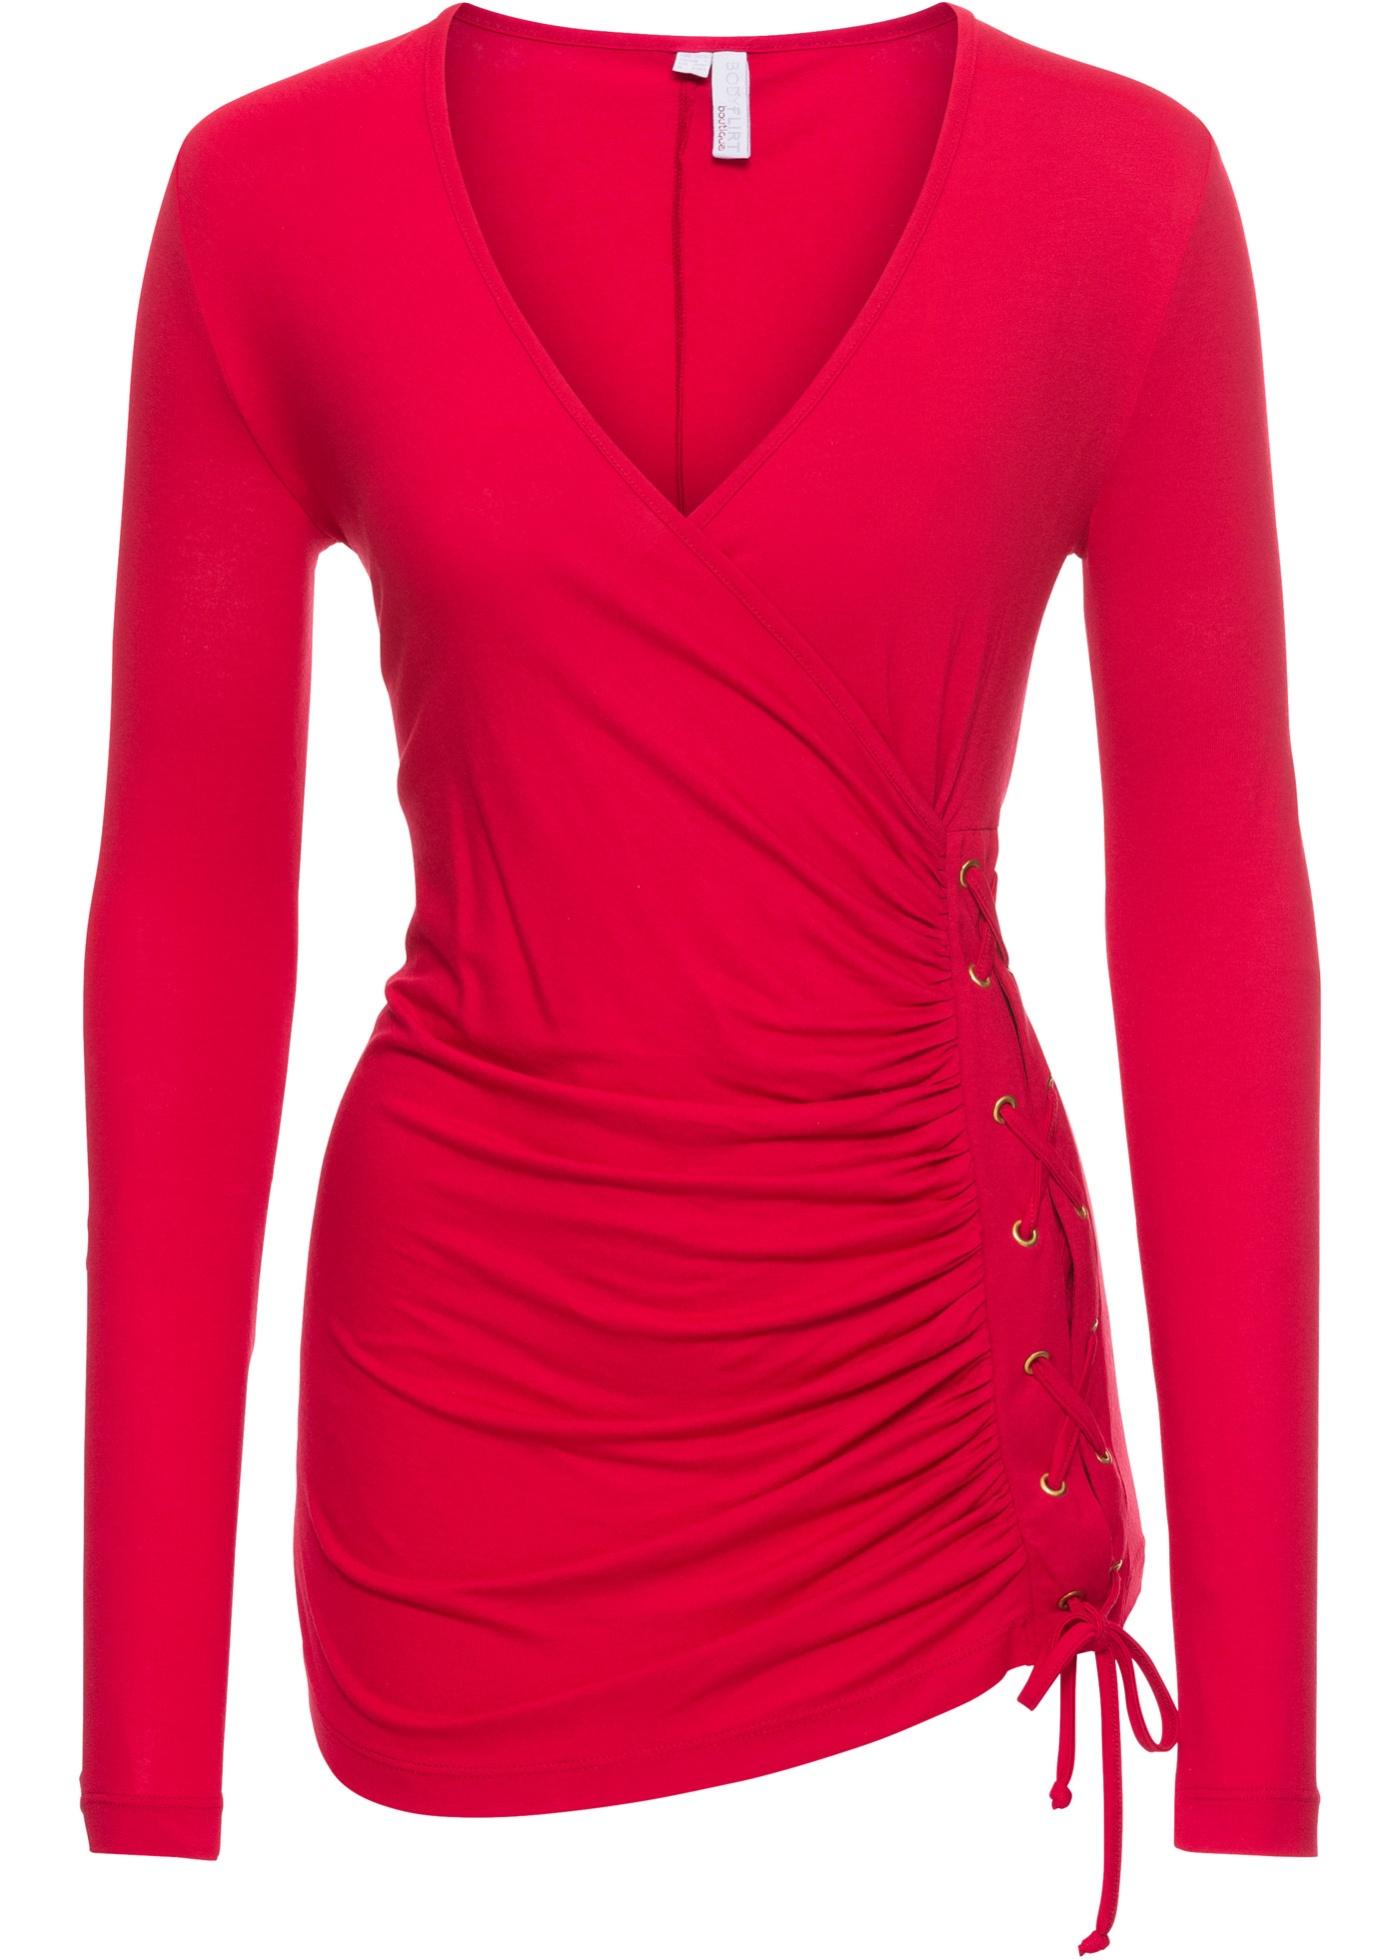 Manches Pour À Laçage Boutique Longues Femme Rouge Bodyflirt BonprixTop 8kXPn0wON